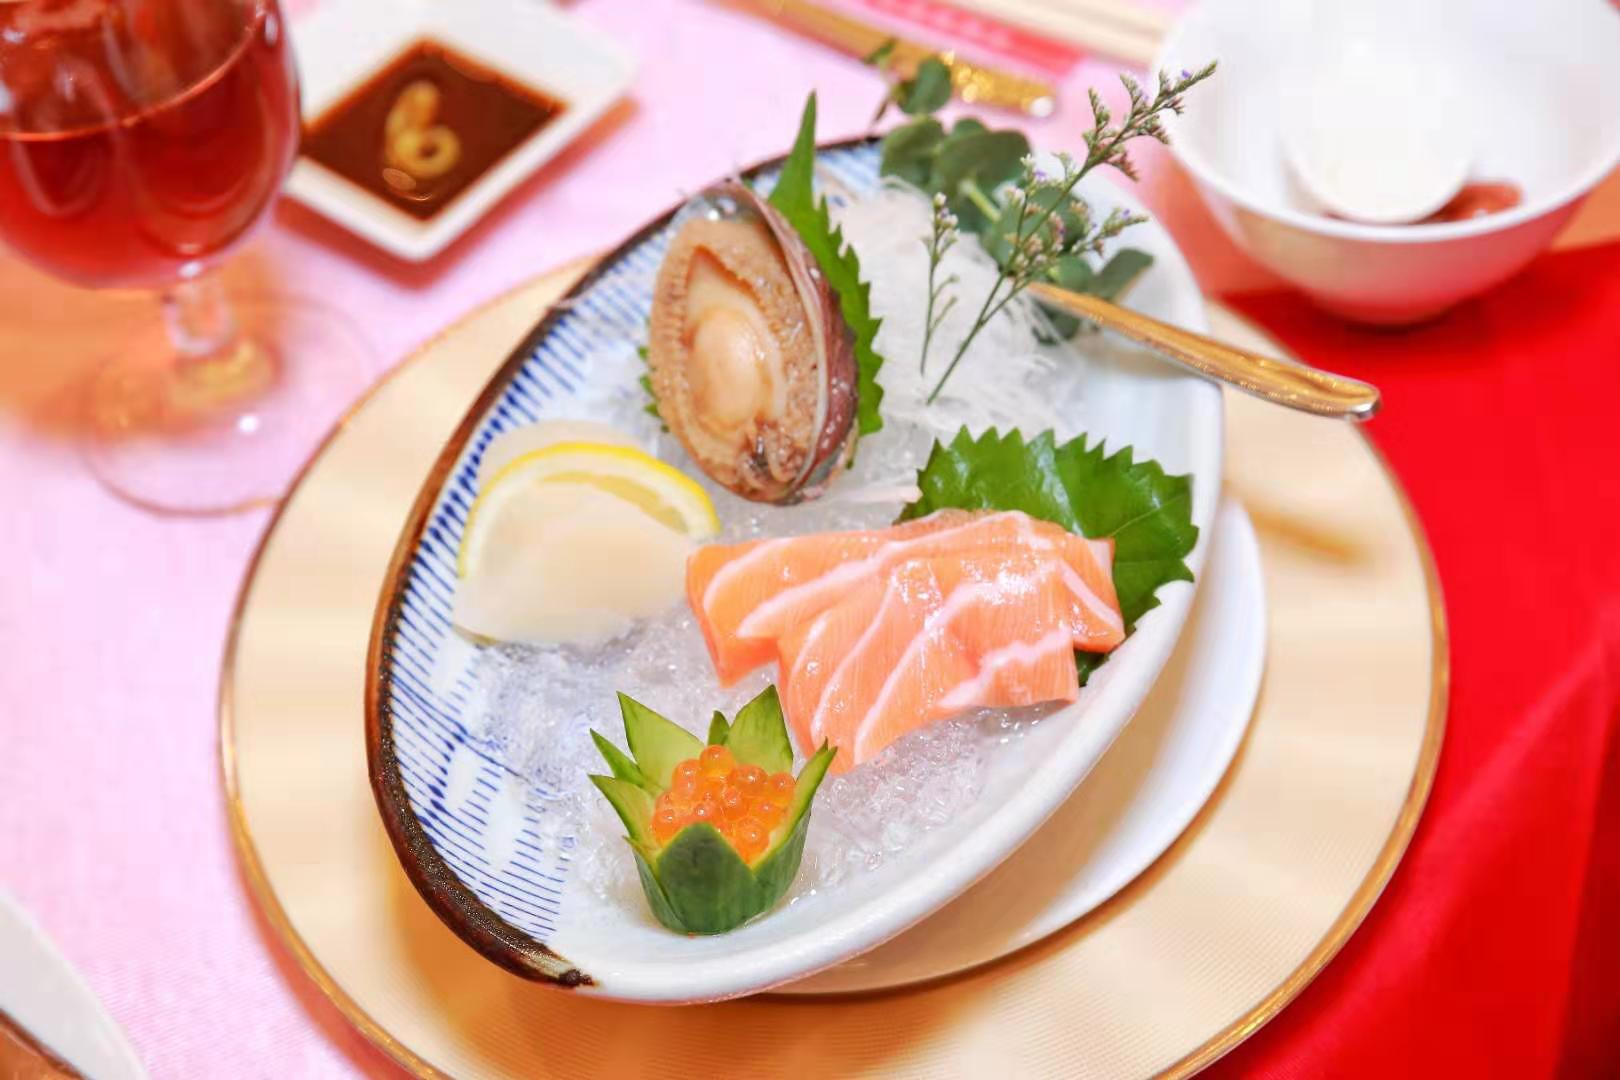 冰镇鲍鱼三文鱼:选取大连鲍、挪威三文鱼、加拿大带子,这是三大海产品完美组合,每一口都充满海洋风味,大口尝鲜不能停。鲍鱼肉质丰满,原汁原味;肥美三文鱼,厨师手起刀落,肉身肥厚;带子的鲜味层次更加丰富。